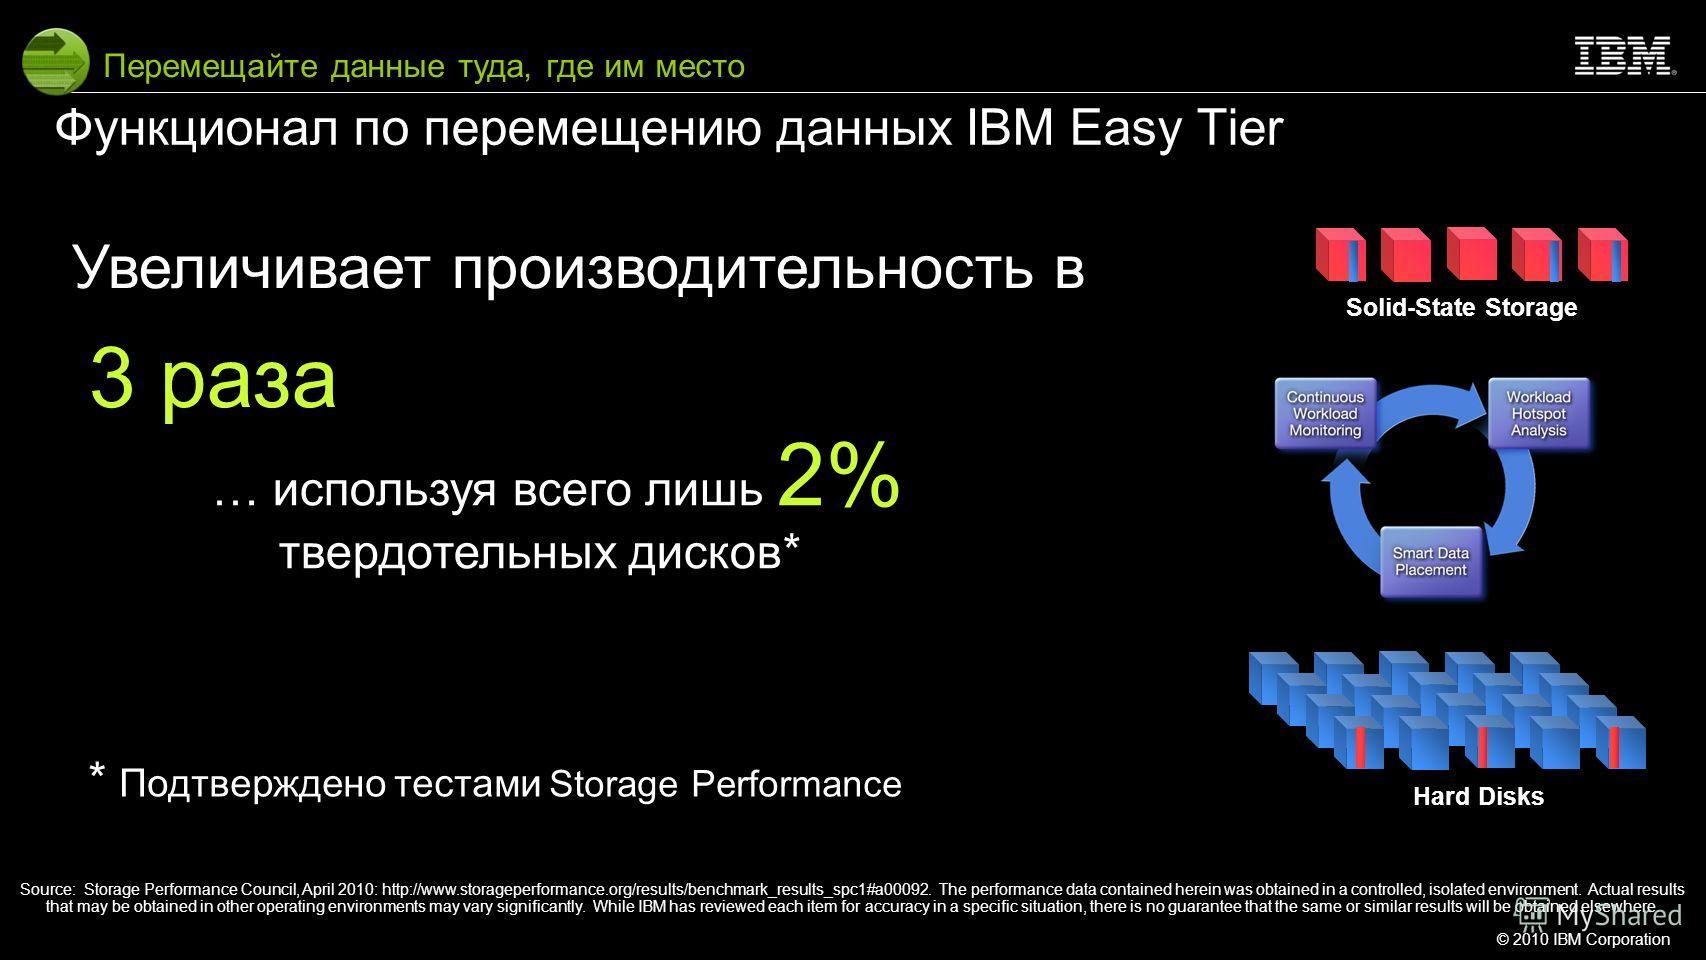 © 2010 IBM Corporation10 Solid-State Storage Hard Disks Перемещайте данные туда, где им место Увеличивает производительность в 3 раза … используя всего лишь 2% твердотельных дисков* Функционал по перемещению данных IBM Easy Tier Source: Storage Perfo